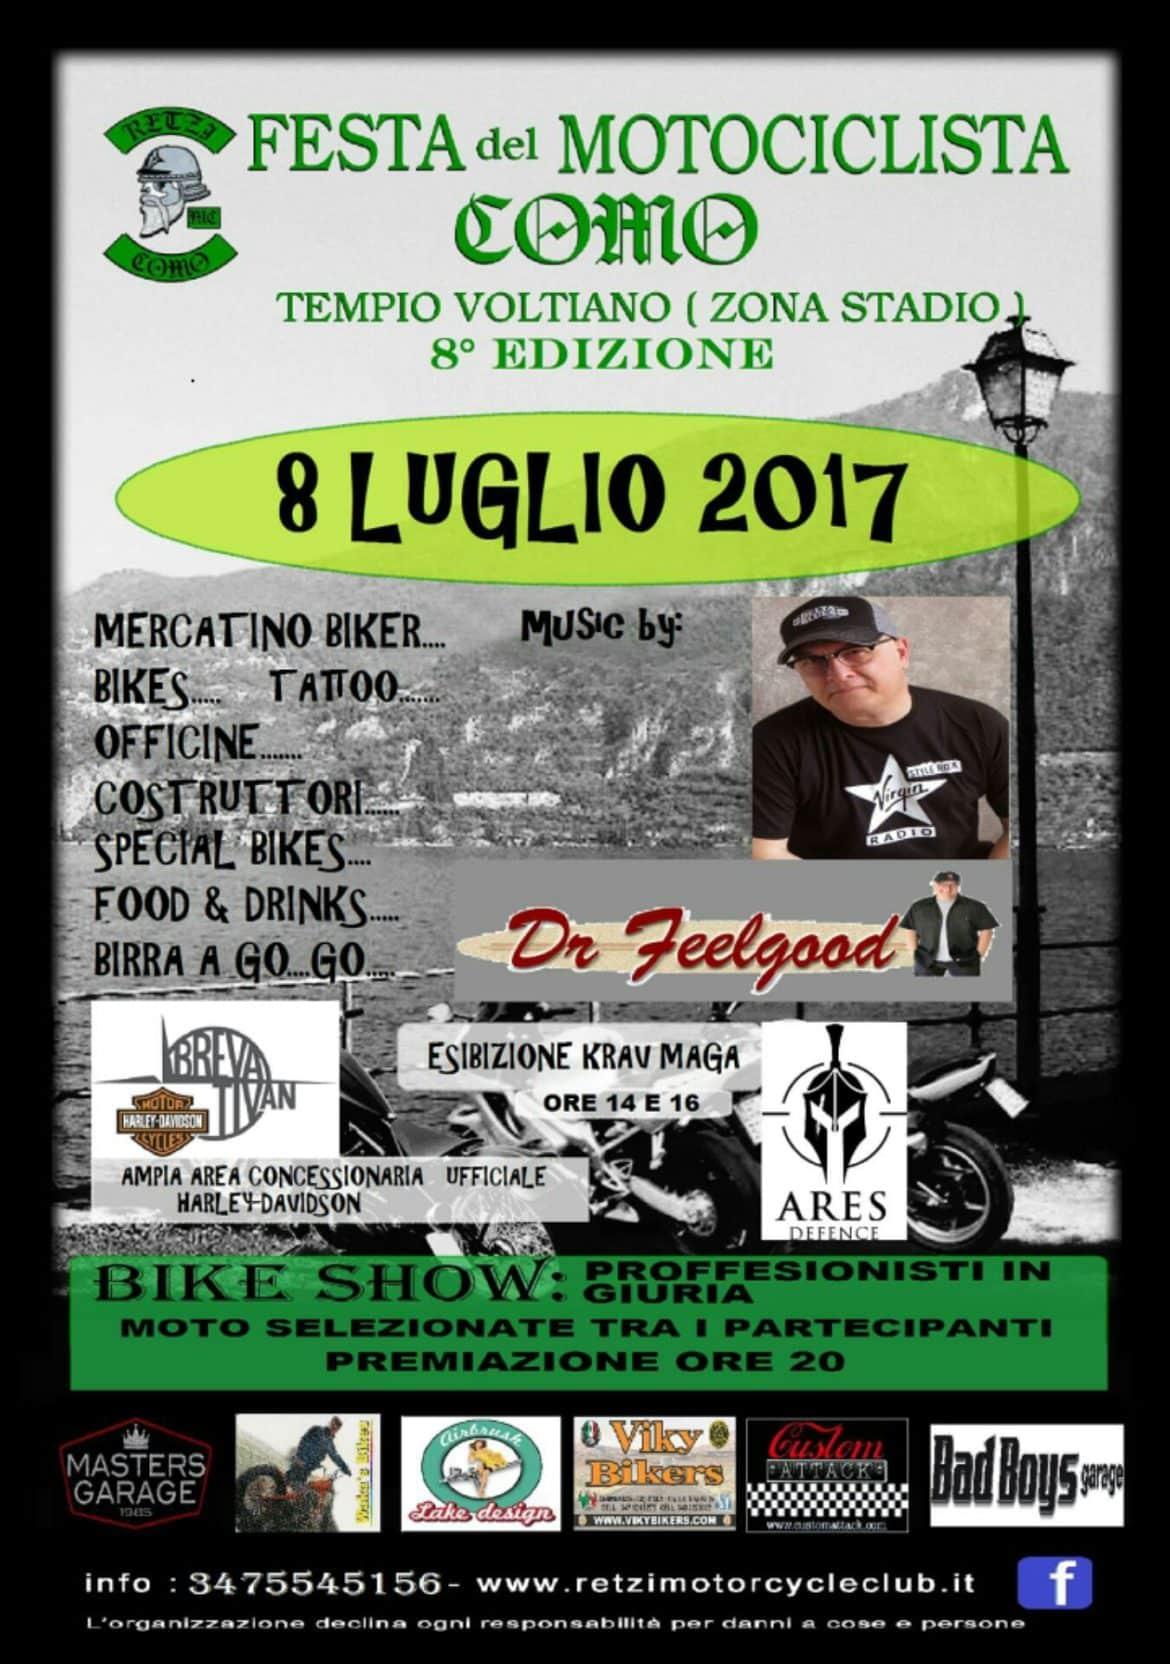 Festa del motociclista: si accendono i motori a Como